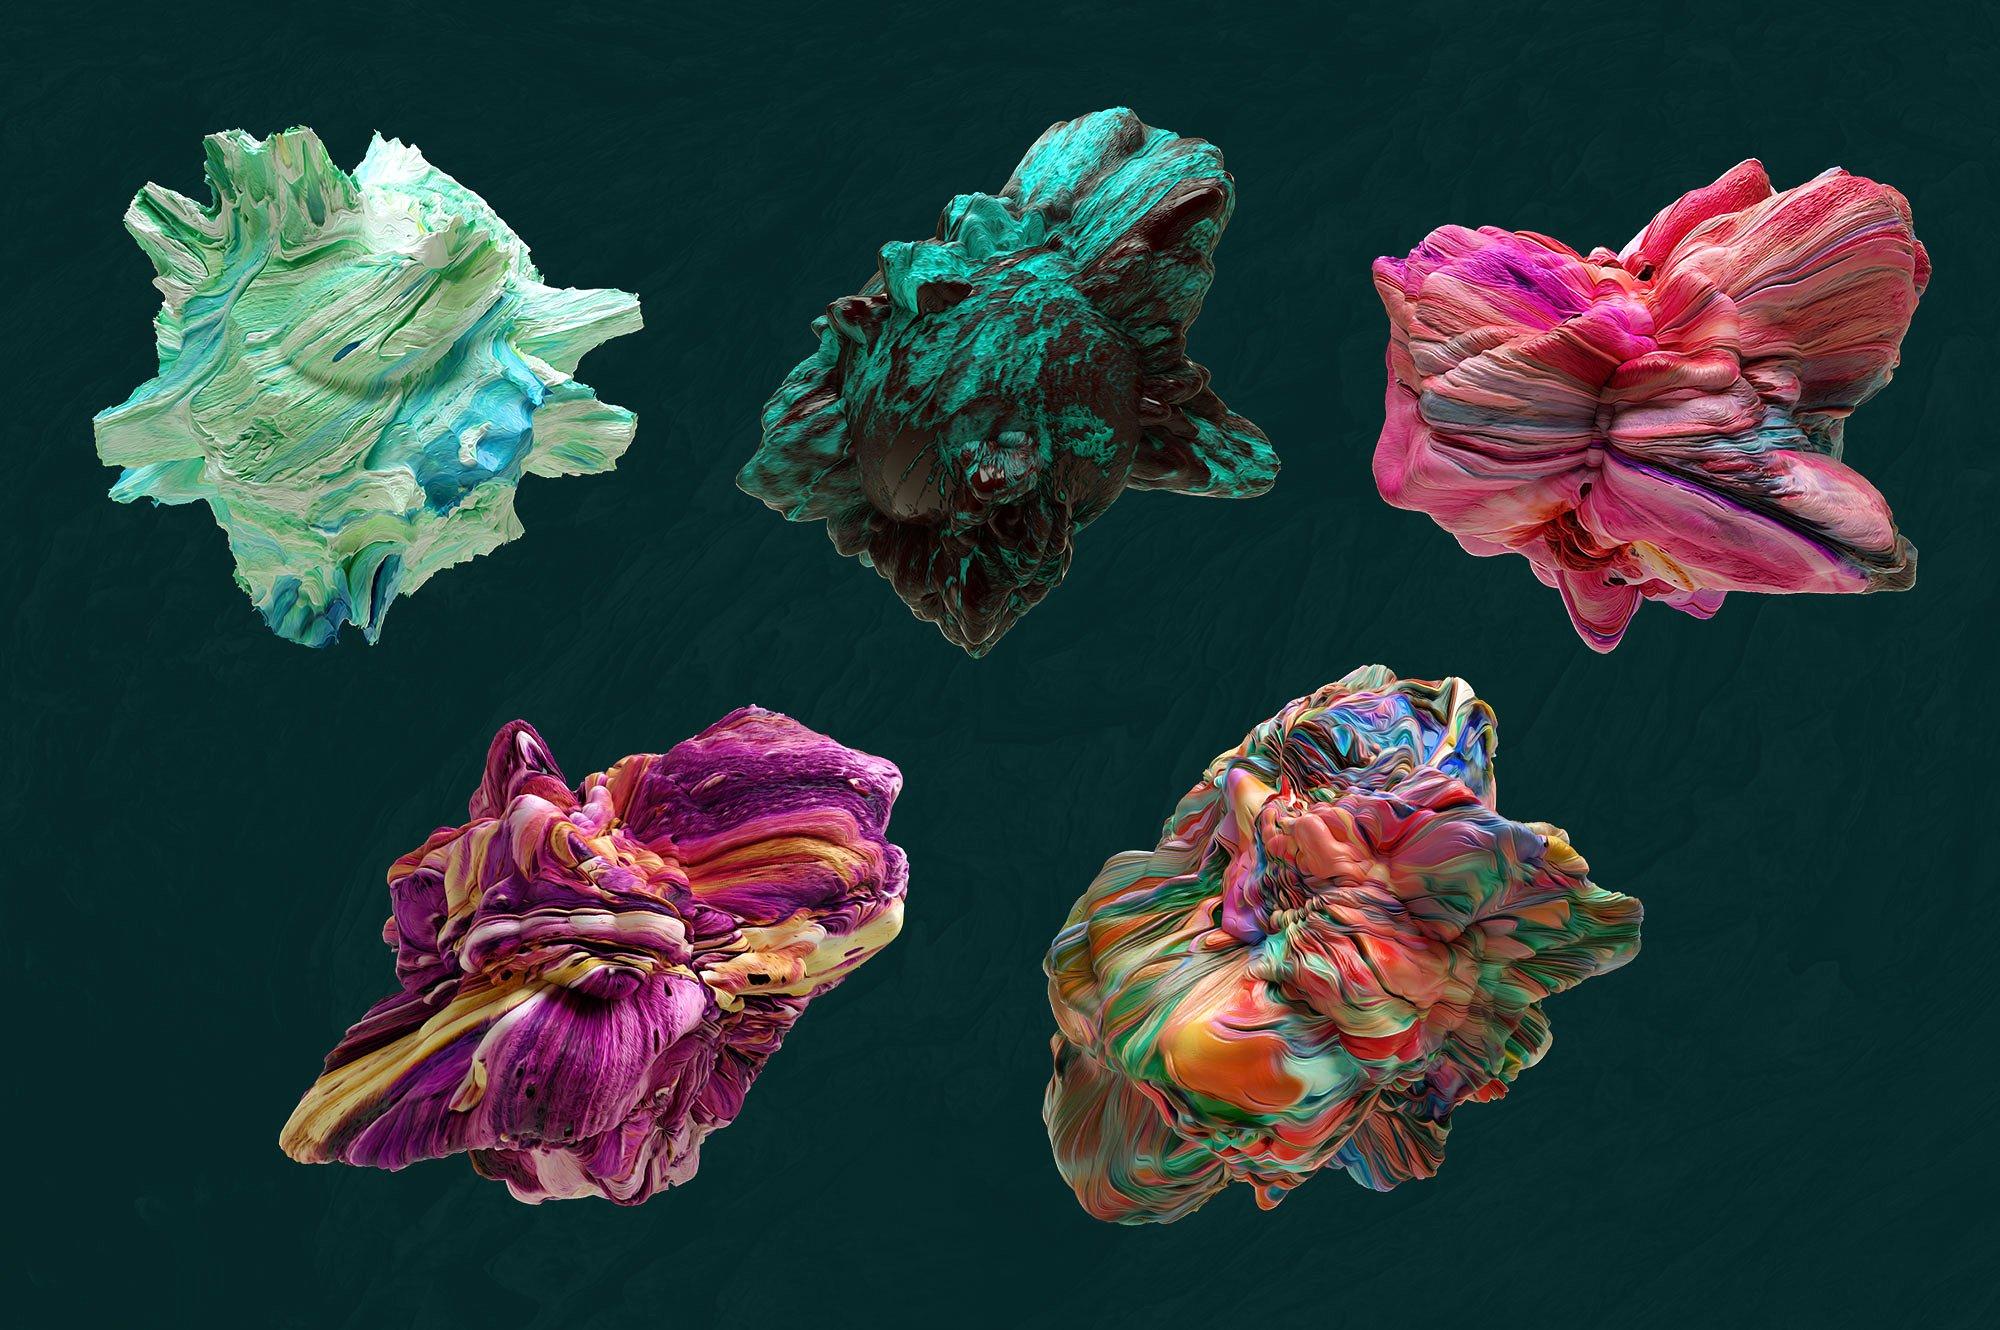 创意抽象纹理系列:15款高清3D抽象纹理&笔刷 3D Mirage, Vol. 1 (Exclusive)插图10